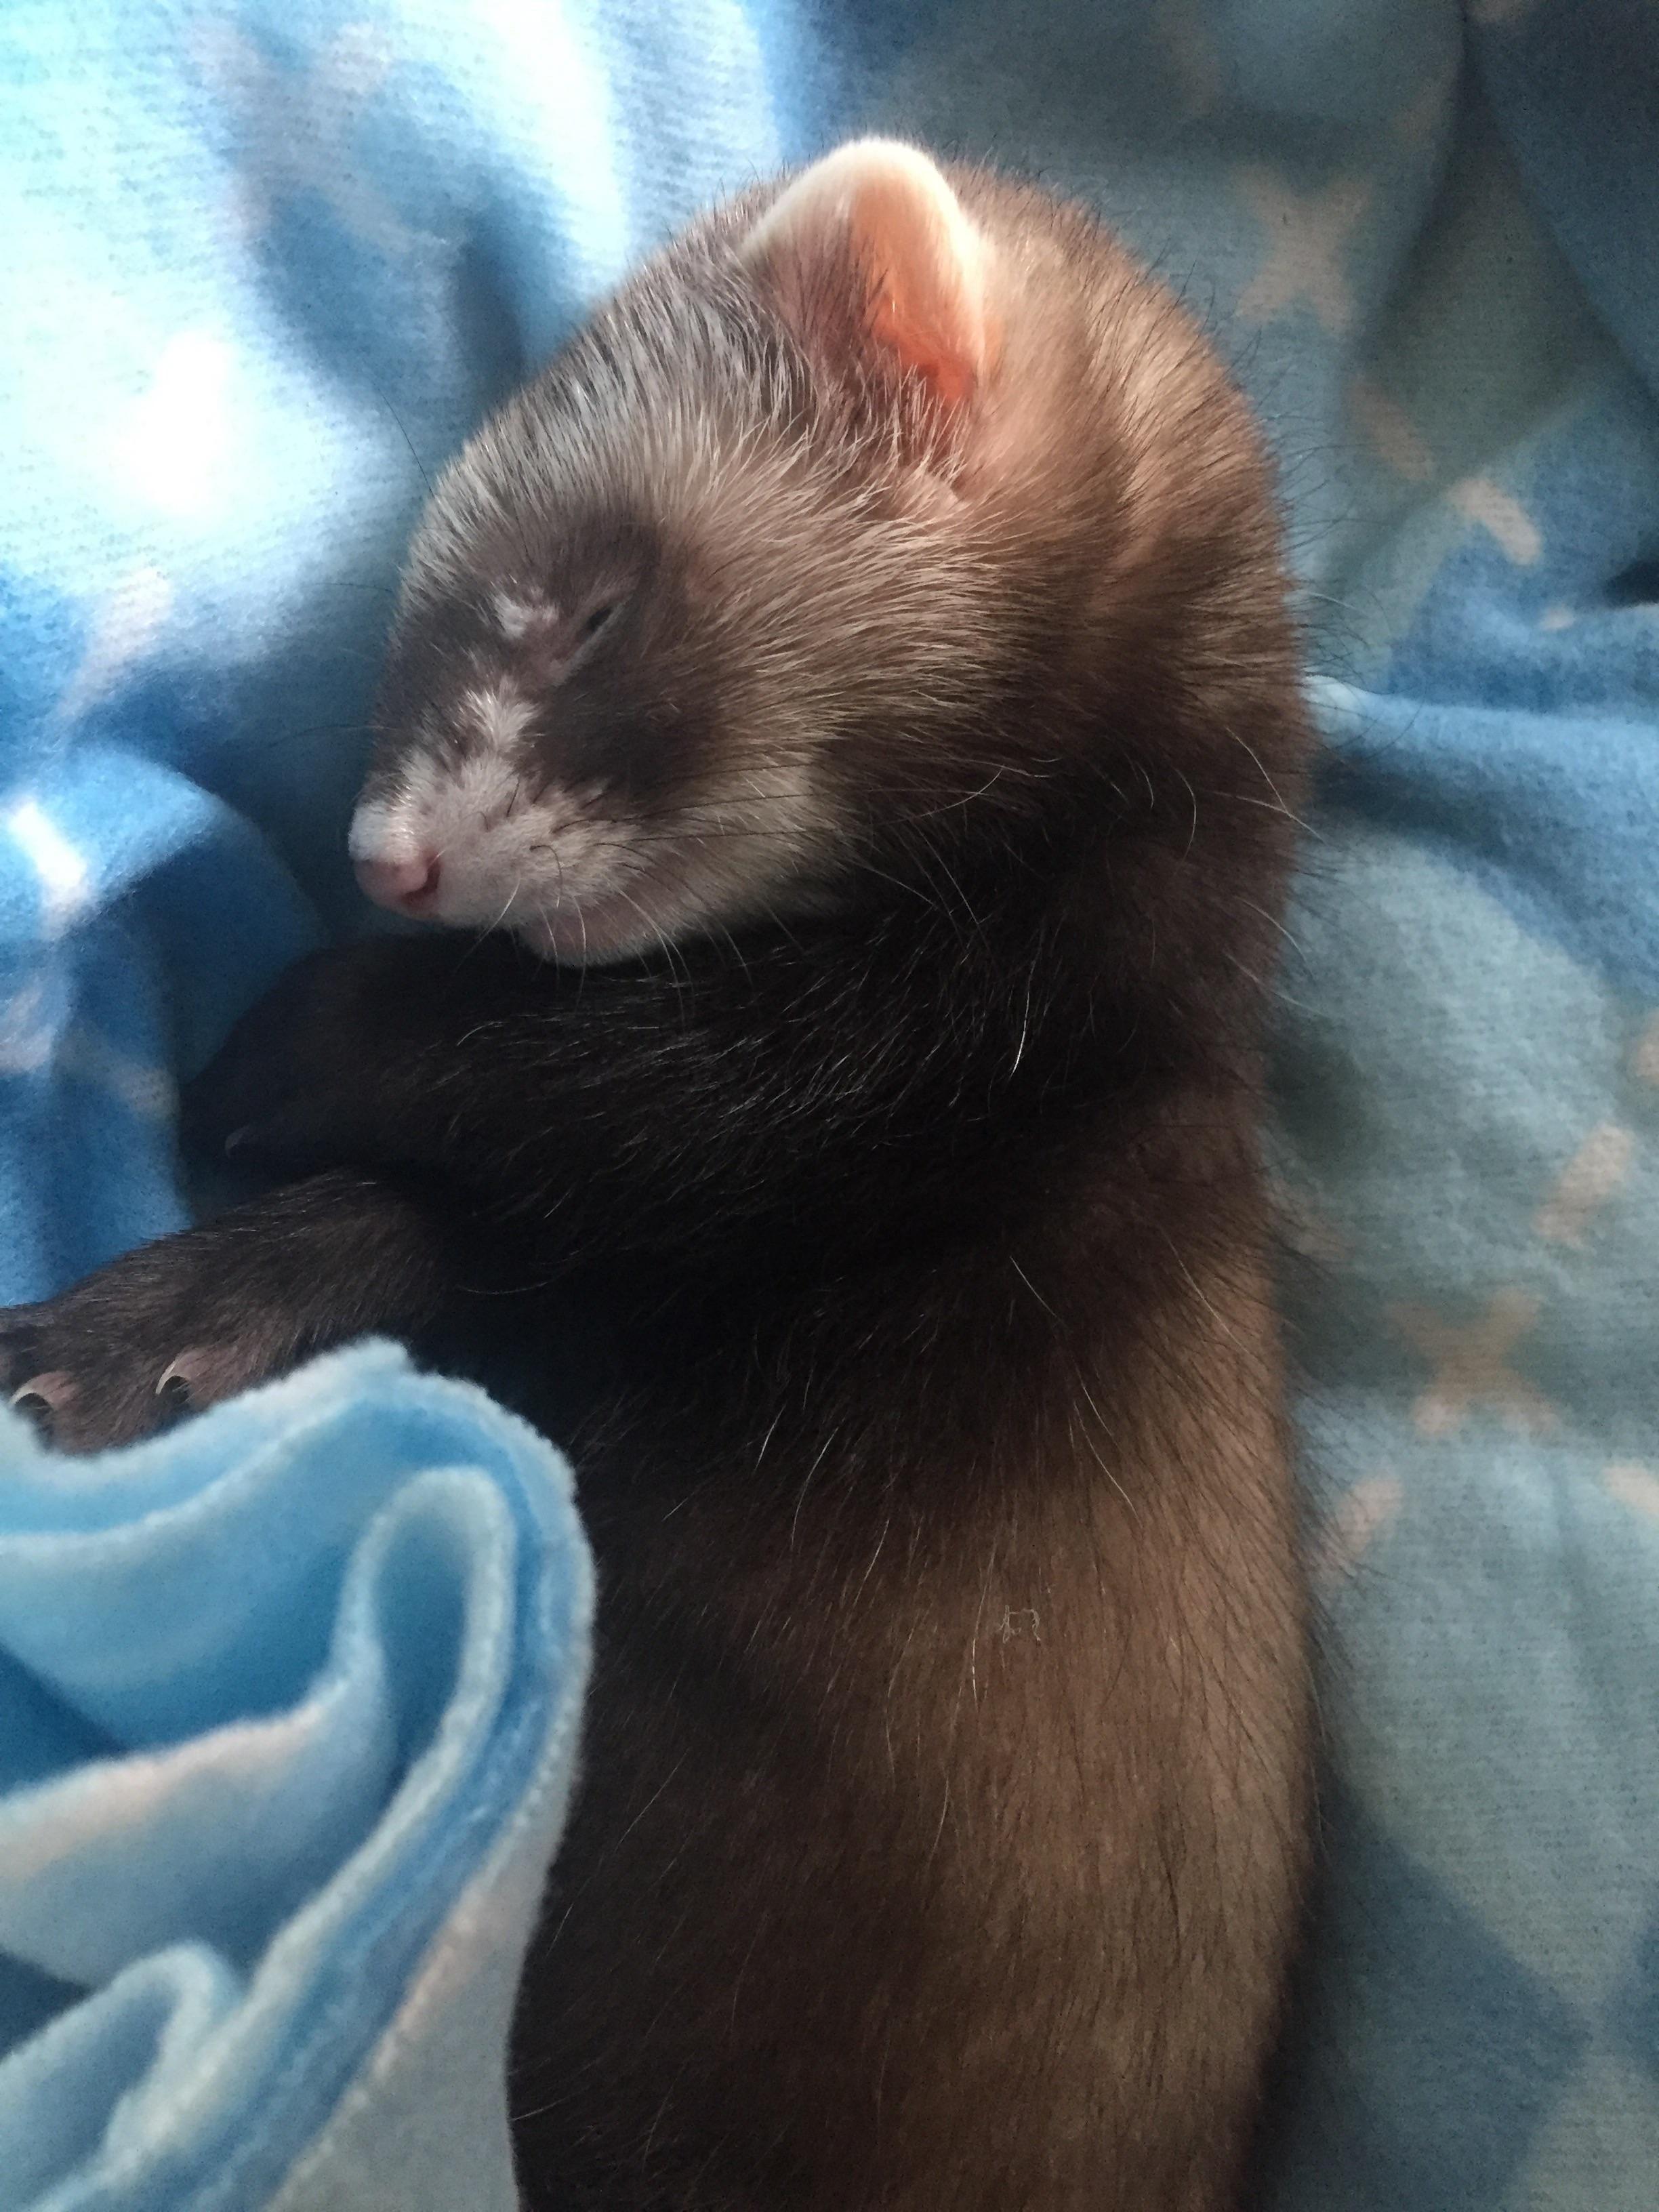 Koda having a nap instagram koda.ferret http//ift.tt